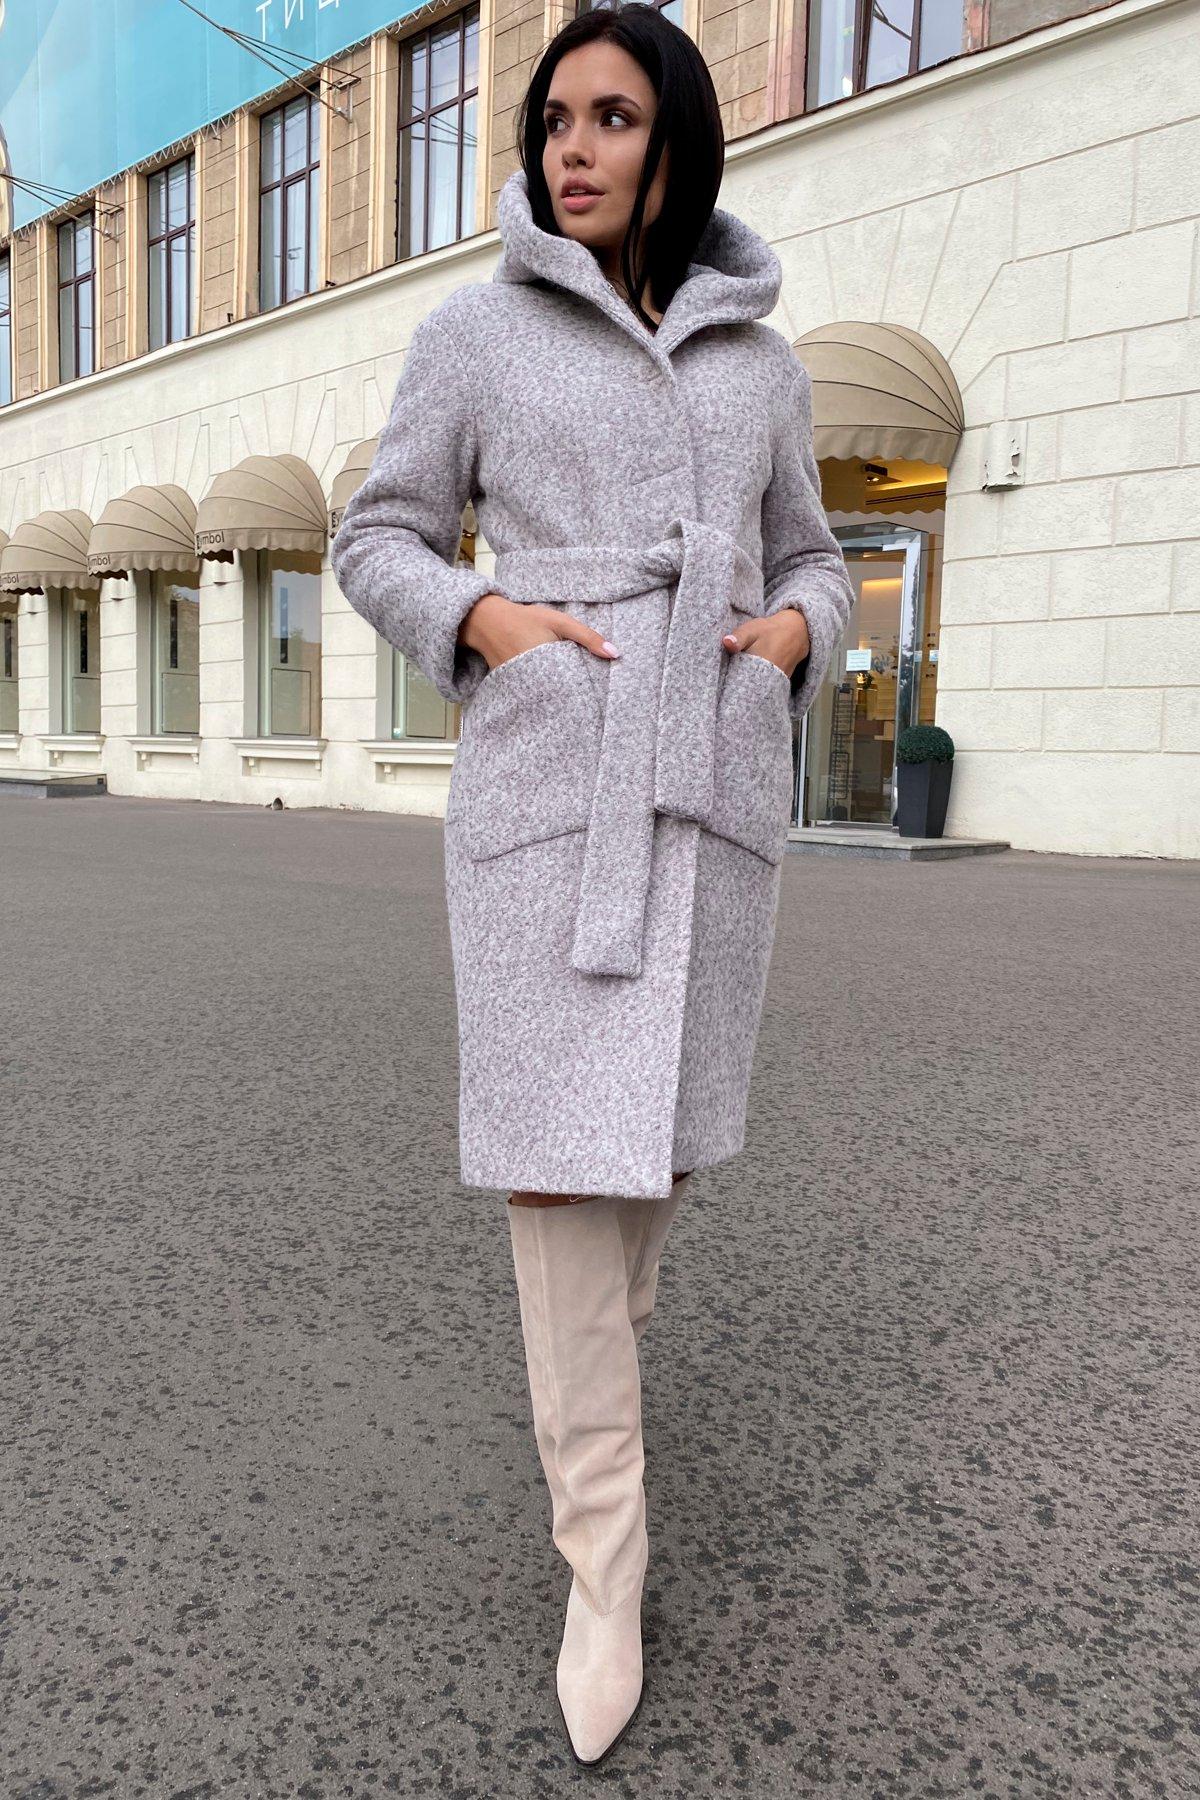 Пальто зима шерсть букле Анита 8320 АРТ. 44439 Цвет: Серый/бежевый 24 - фото 20, интернет магазин tm-modus.ru